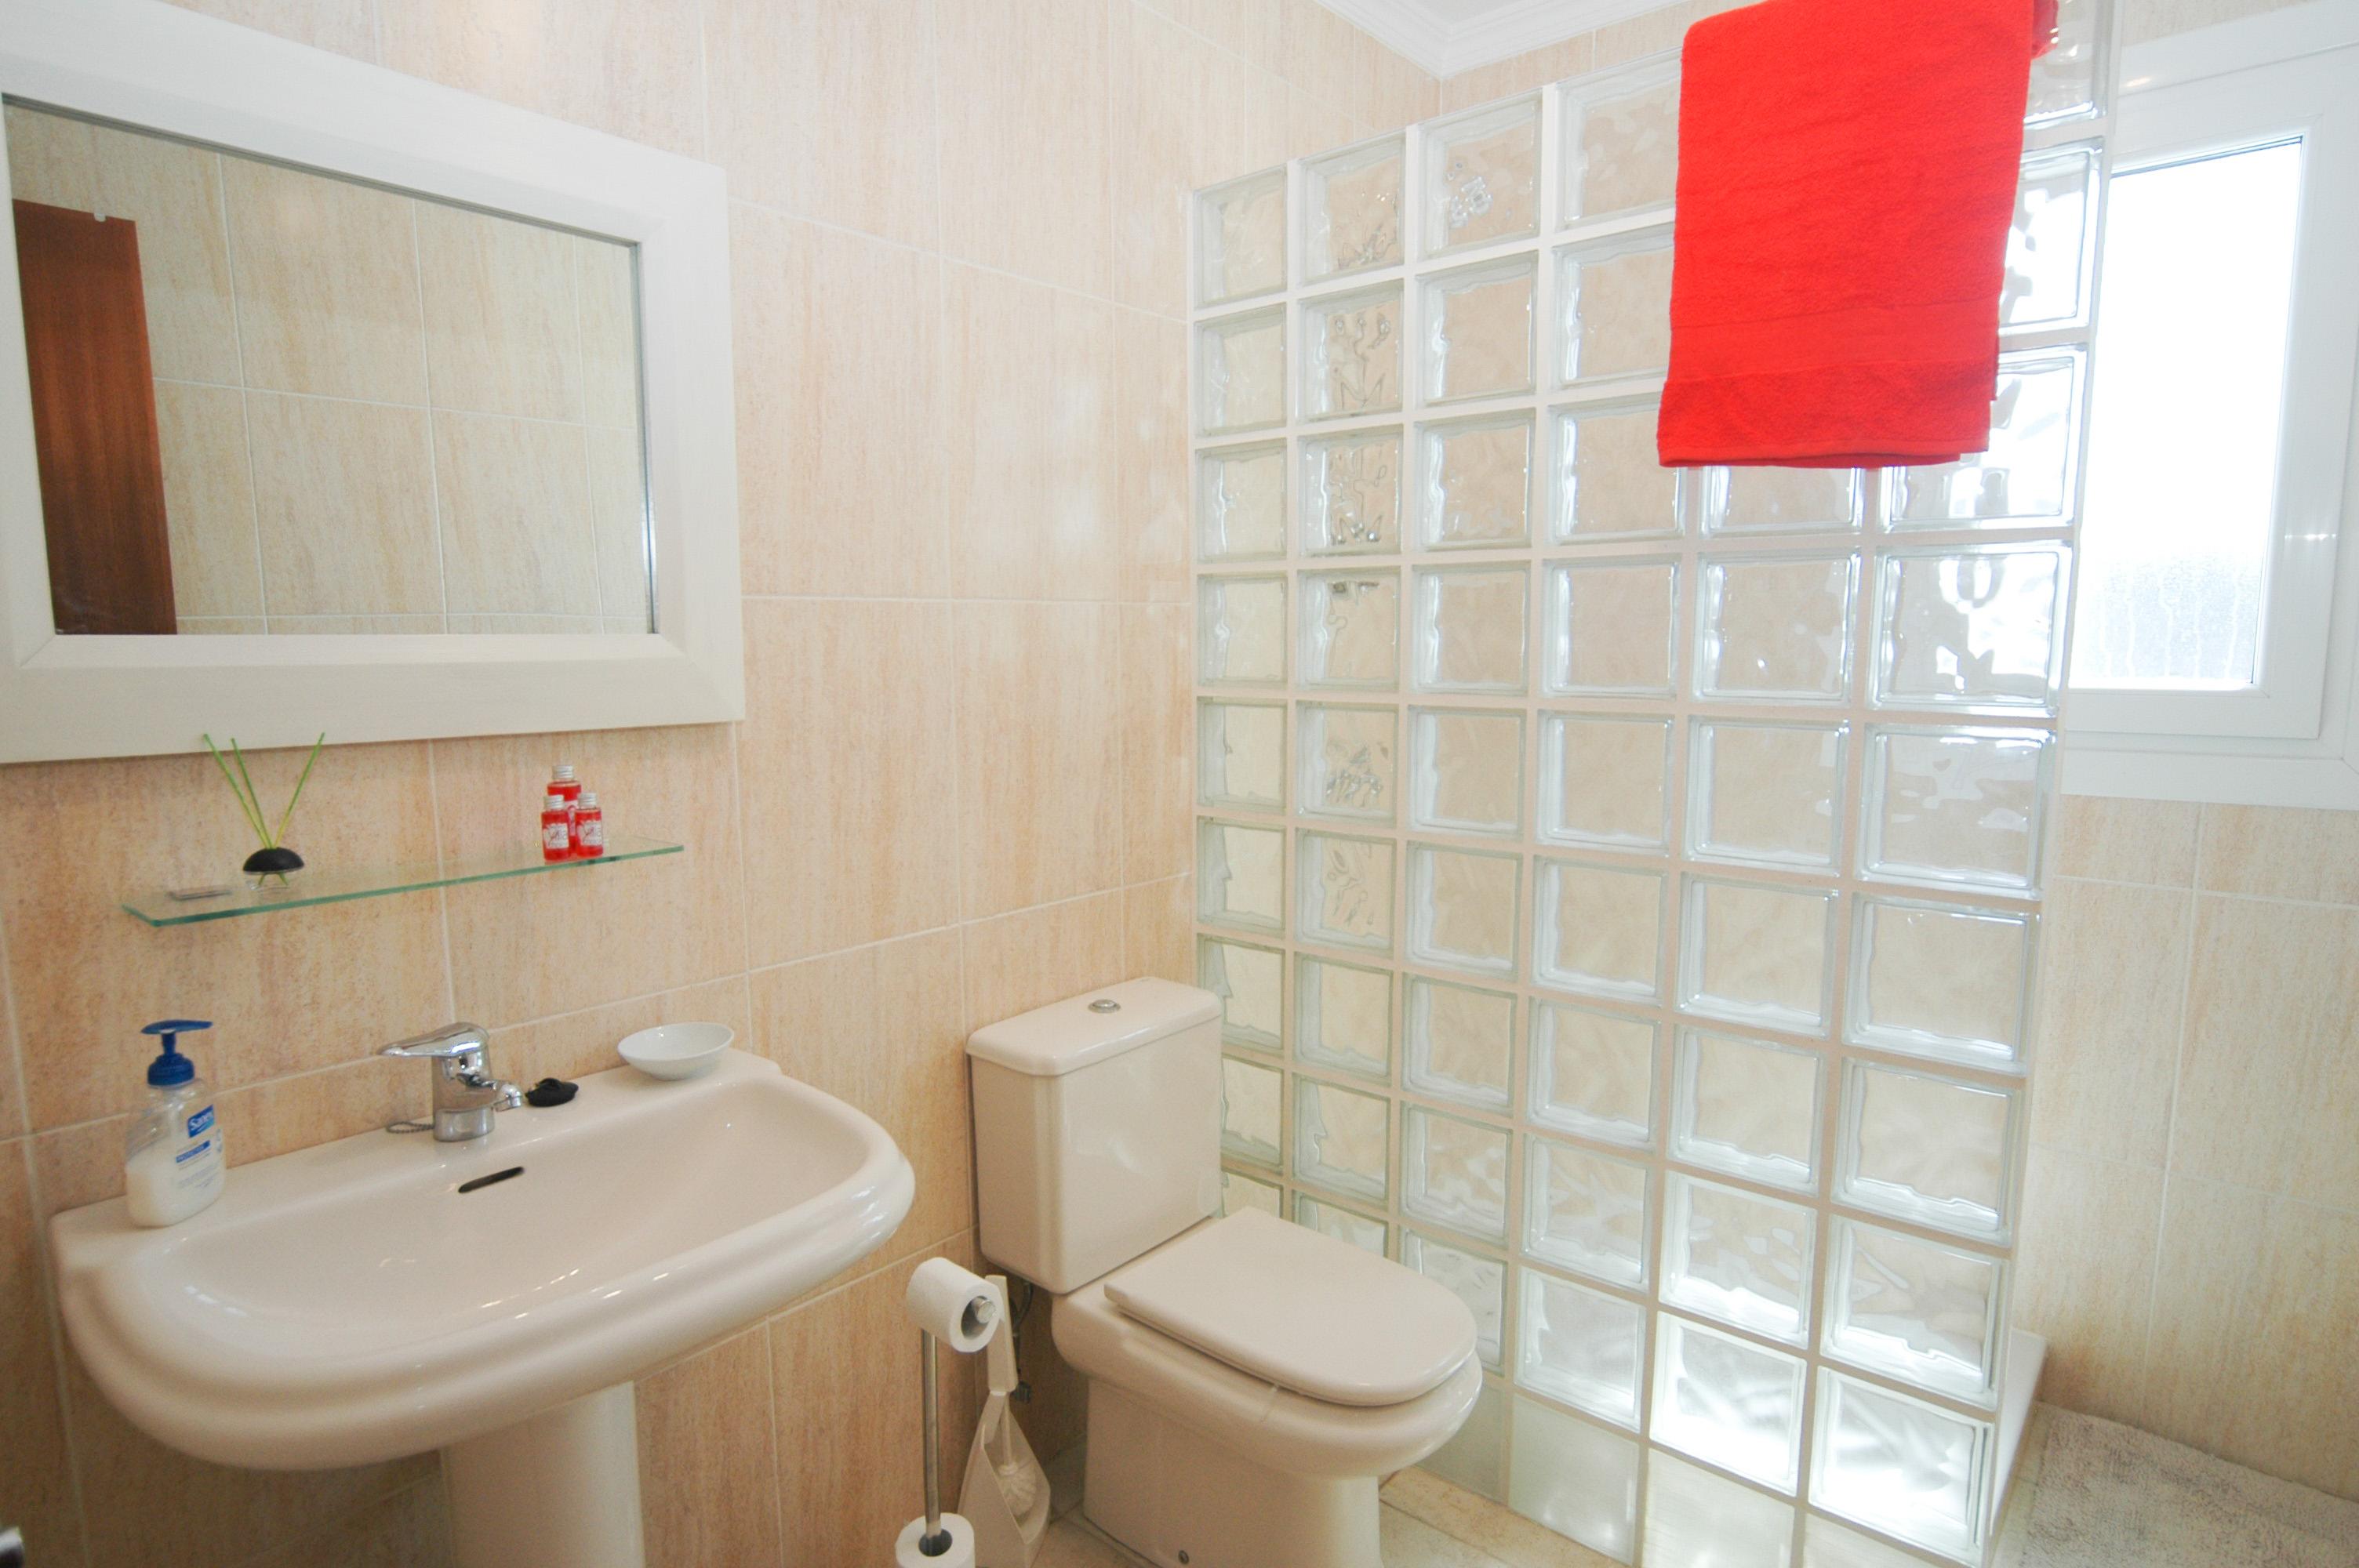 LVC330505 Shared shower room